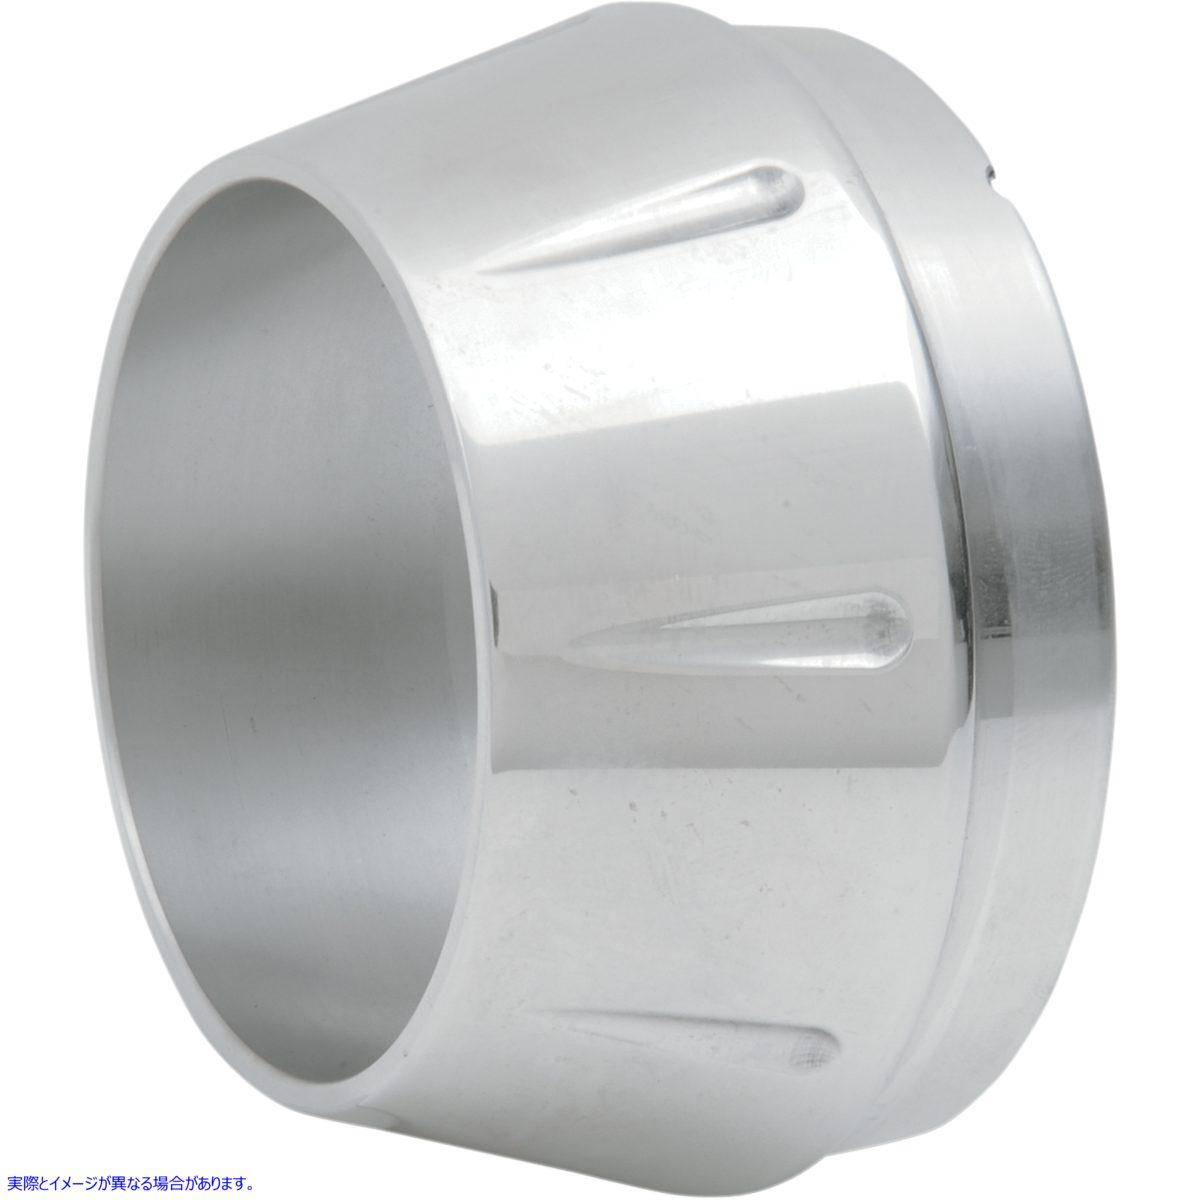 【取寄せ】 ENDCAP-SM BASSANI XHAUST END CAP POLSHD F SHRTMEG エンドキャップ POLSHD F SHRTMEG 18600496 ドラッグスペシャリティーズ